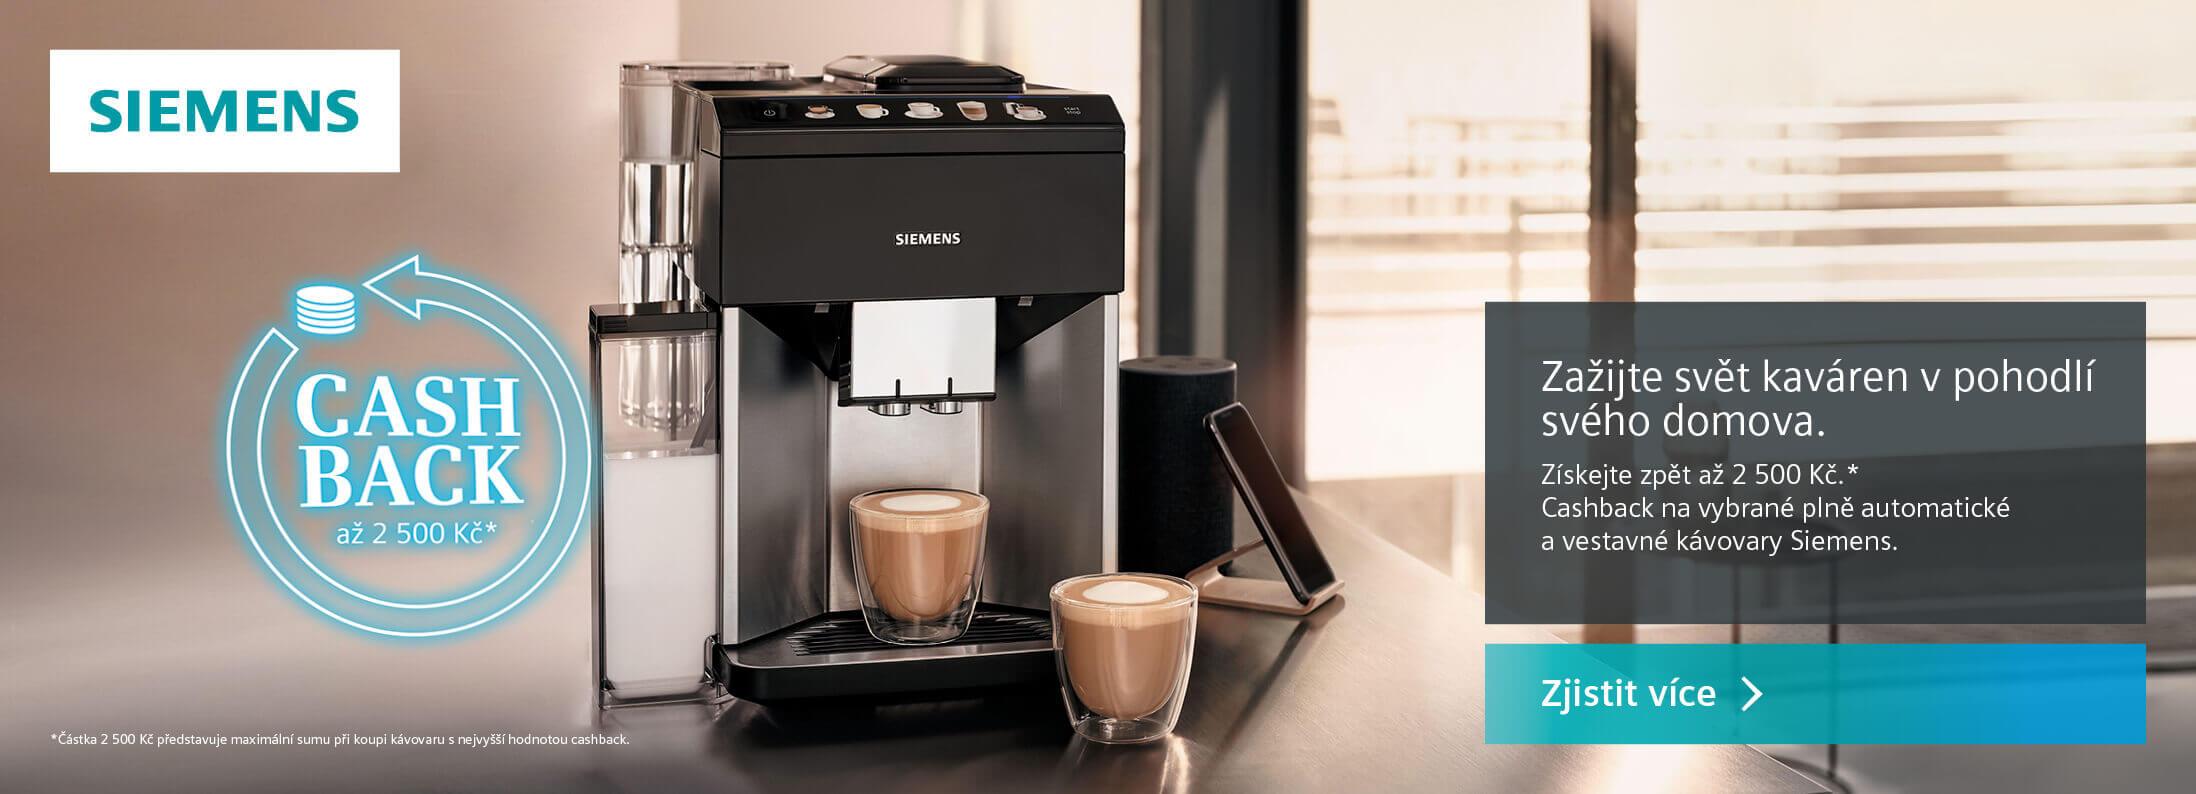 Siemens - Cashback volně stojící kávovary